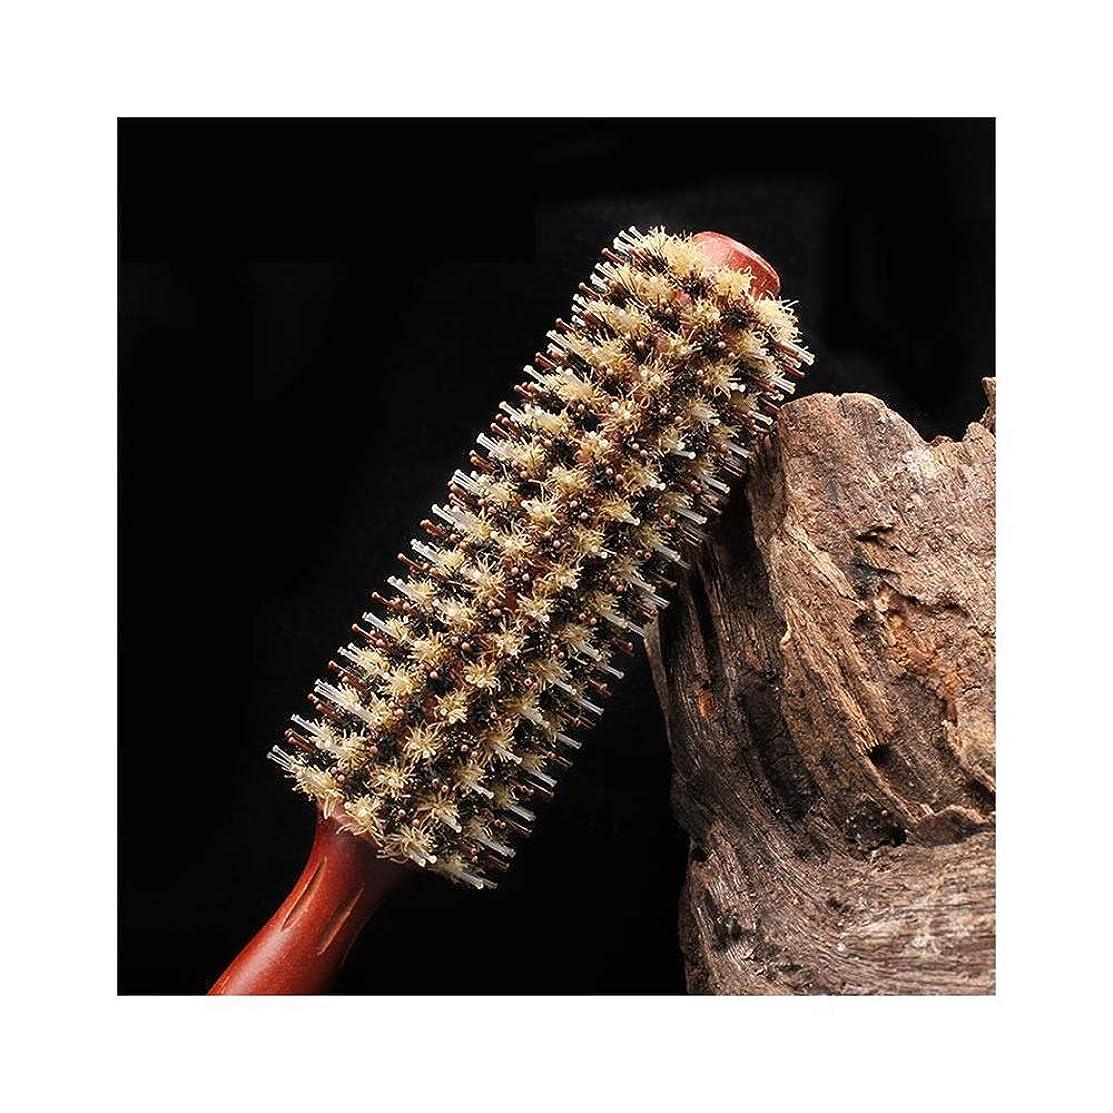 大使館ブーム粘土WASAIO 毛ブラシすべての毛のための木製の丸い毛のブラシ木製のイノシシの剛毛の毛の櫛 (サイズ : 18 rows)